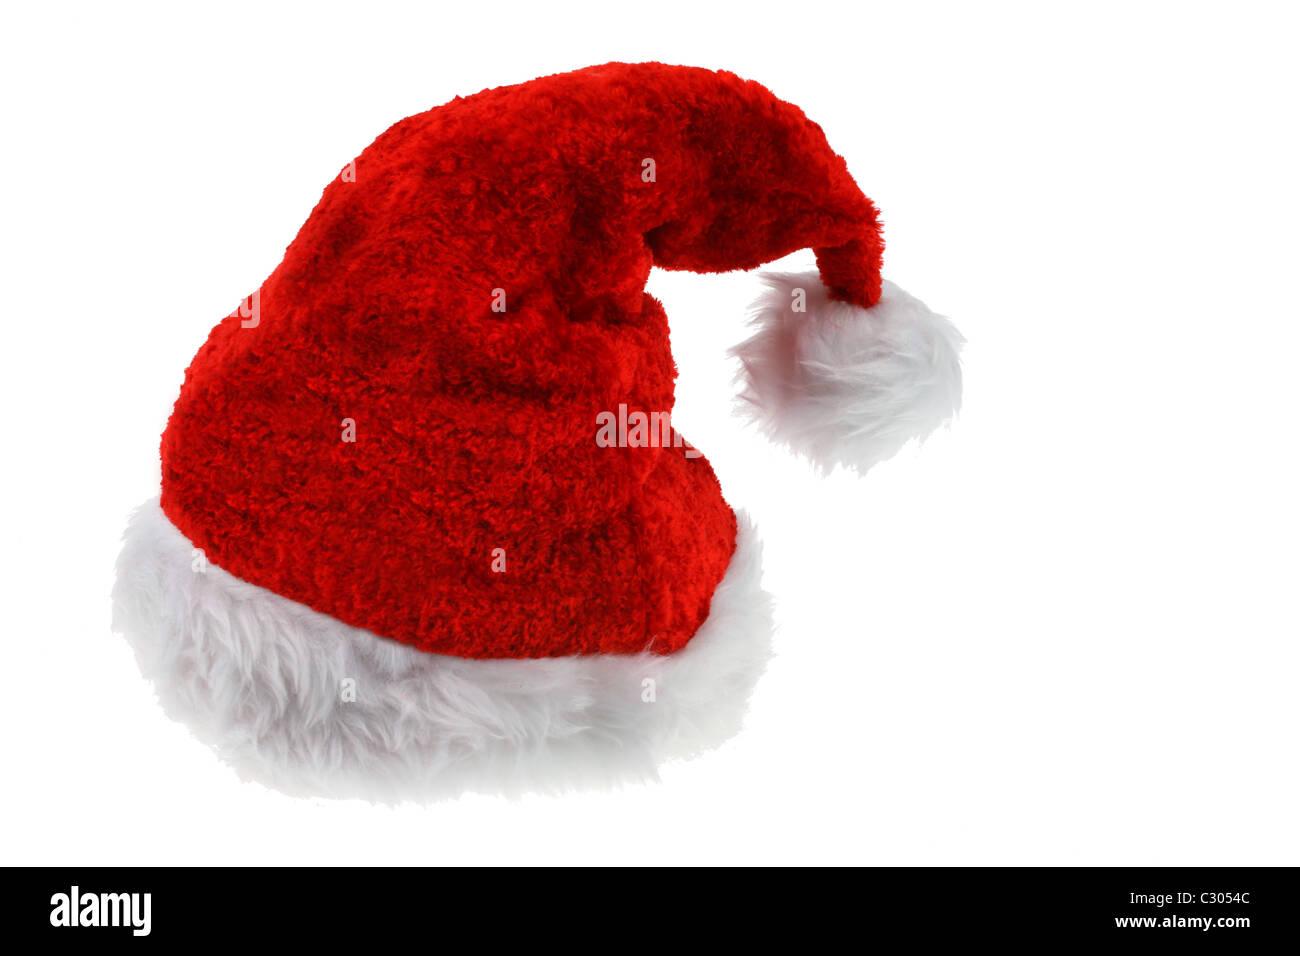 Bonnet de Noel Banque D'Images